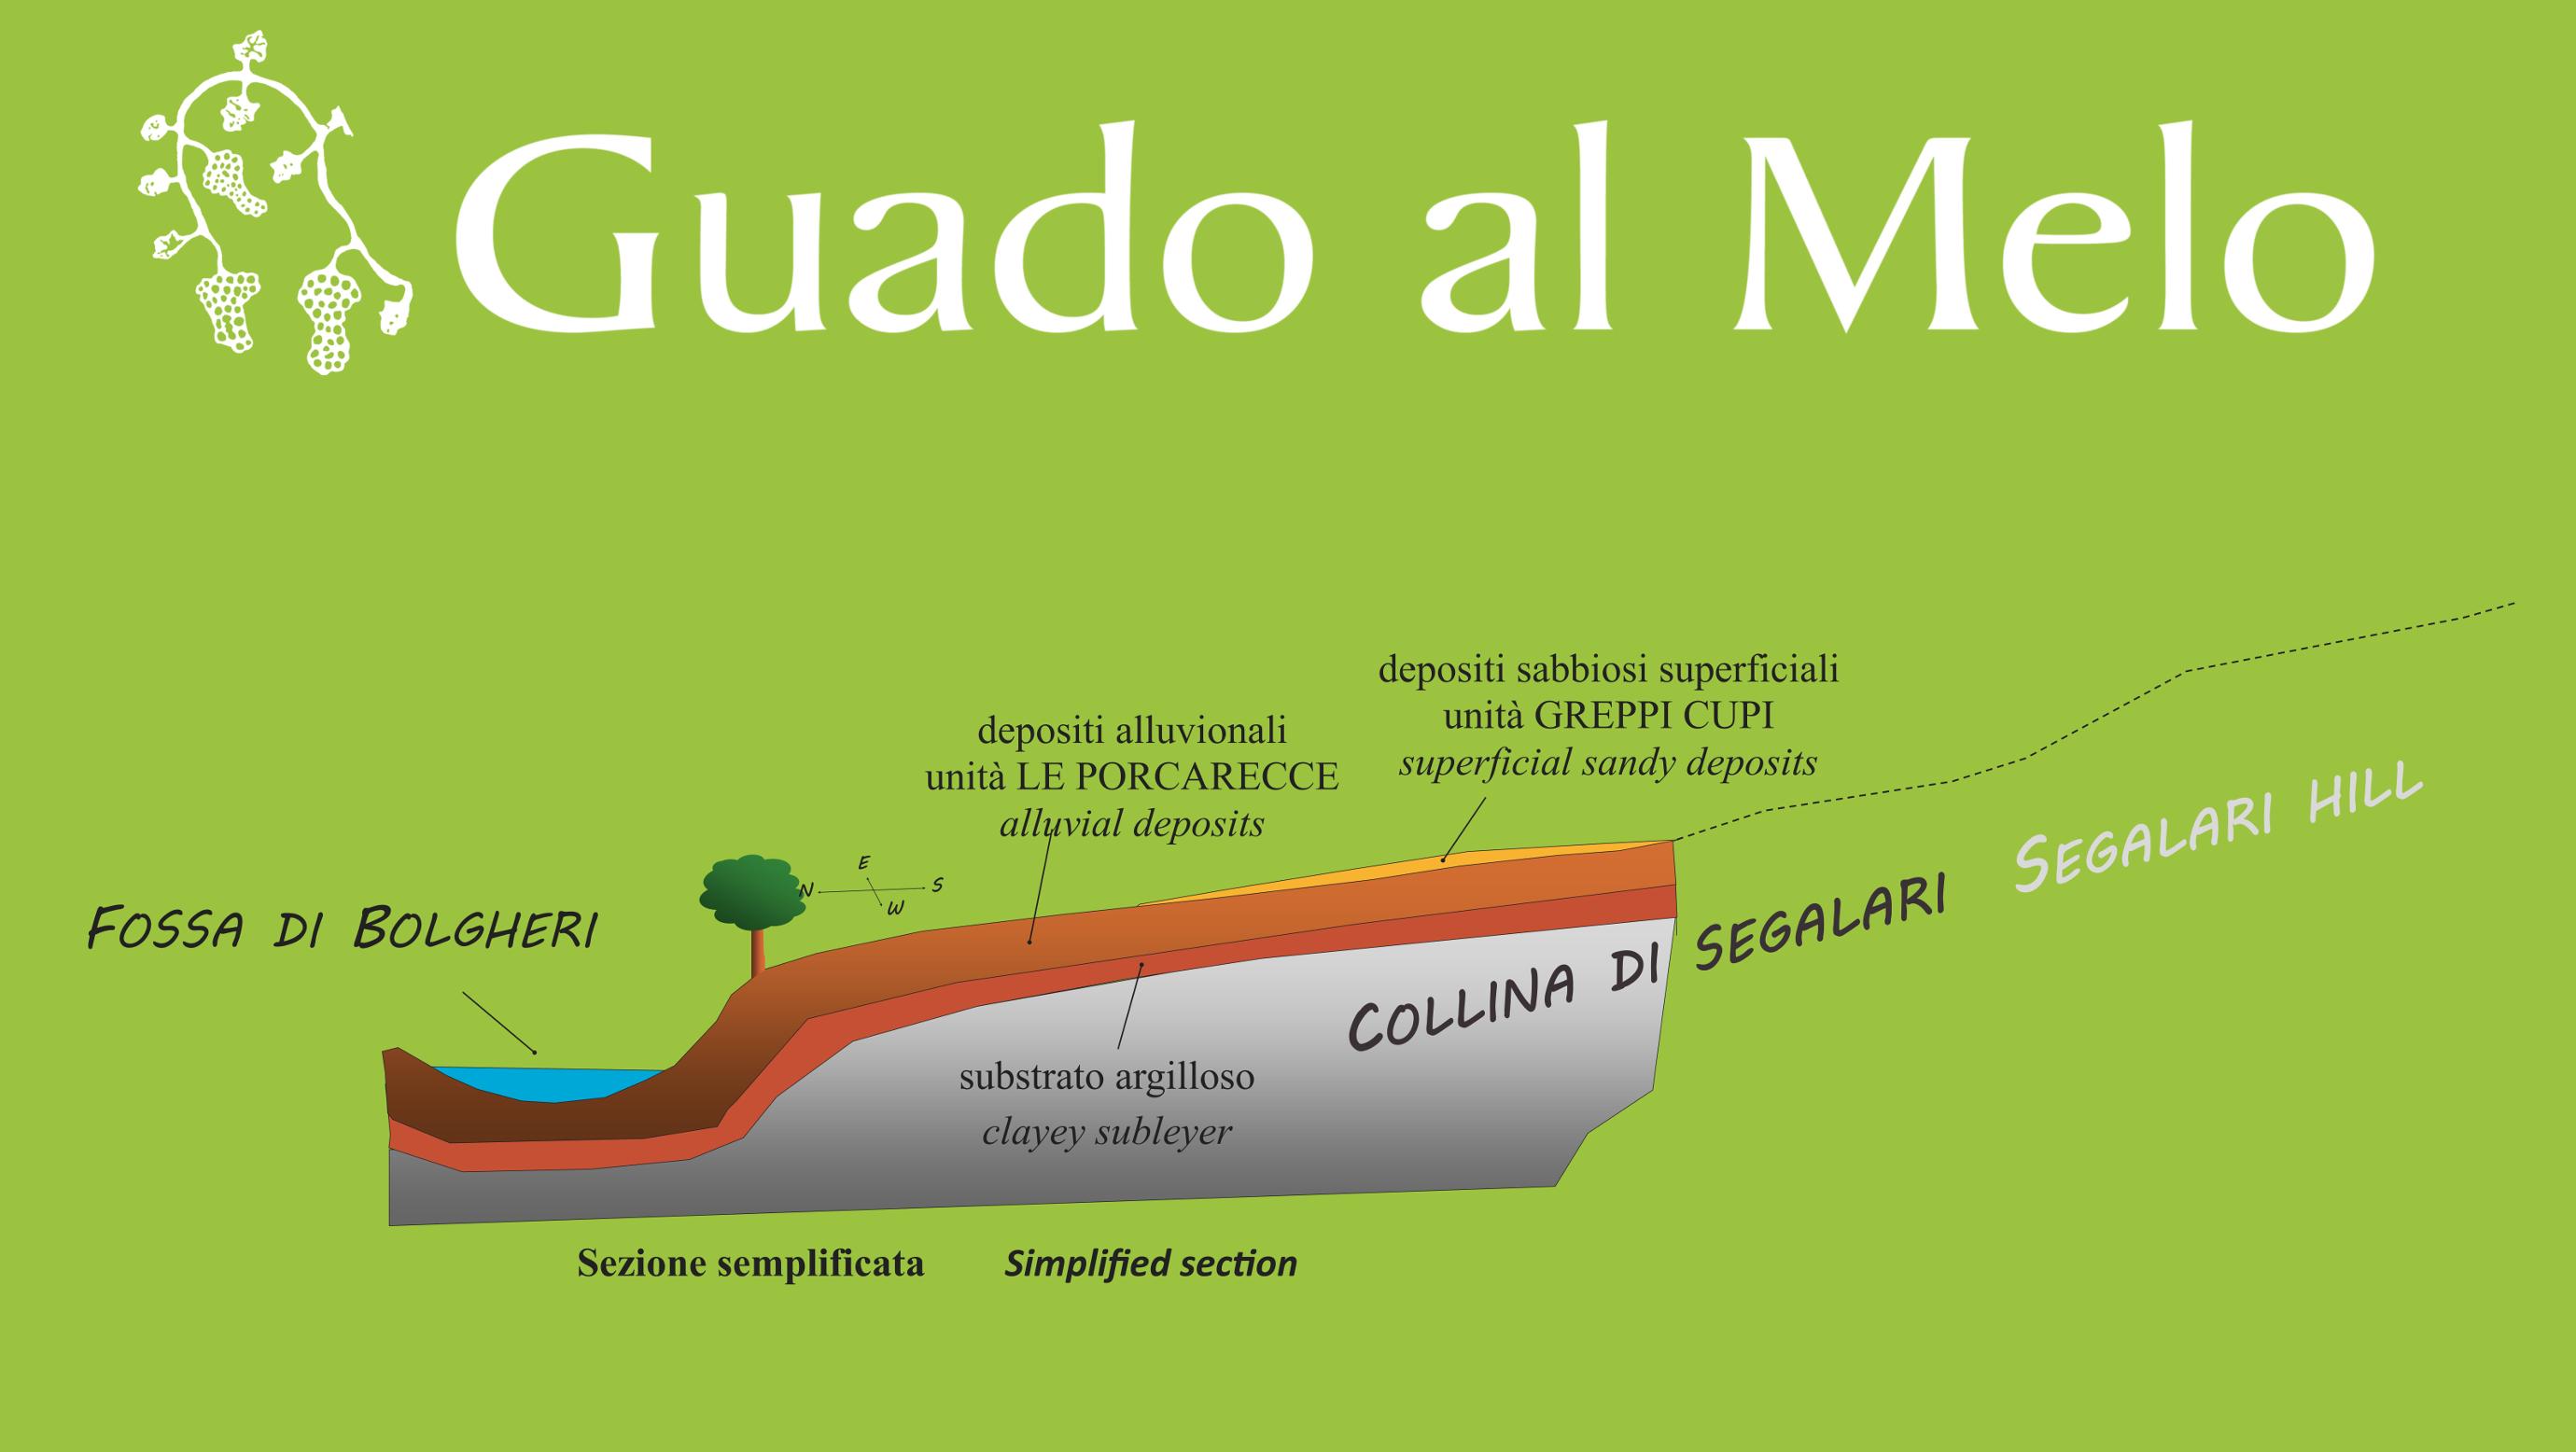 Zonazione Guado al Melo profilo